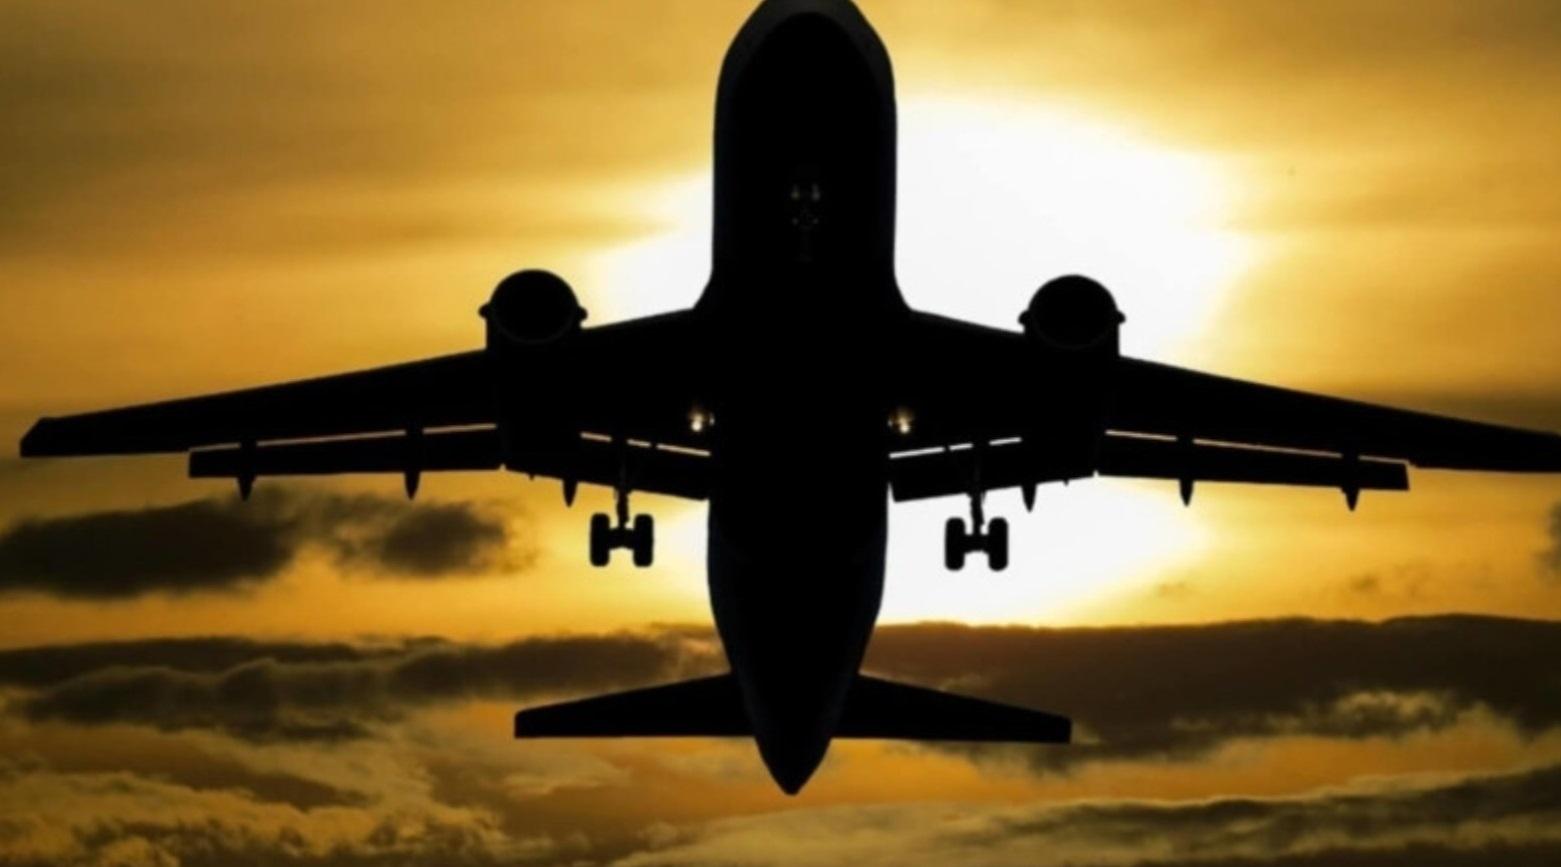 Пассажирский самолет разбился  возле Карачи в Пакистане